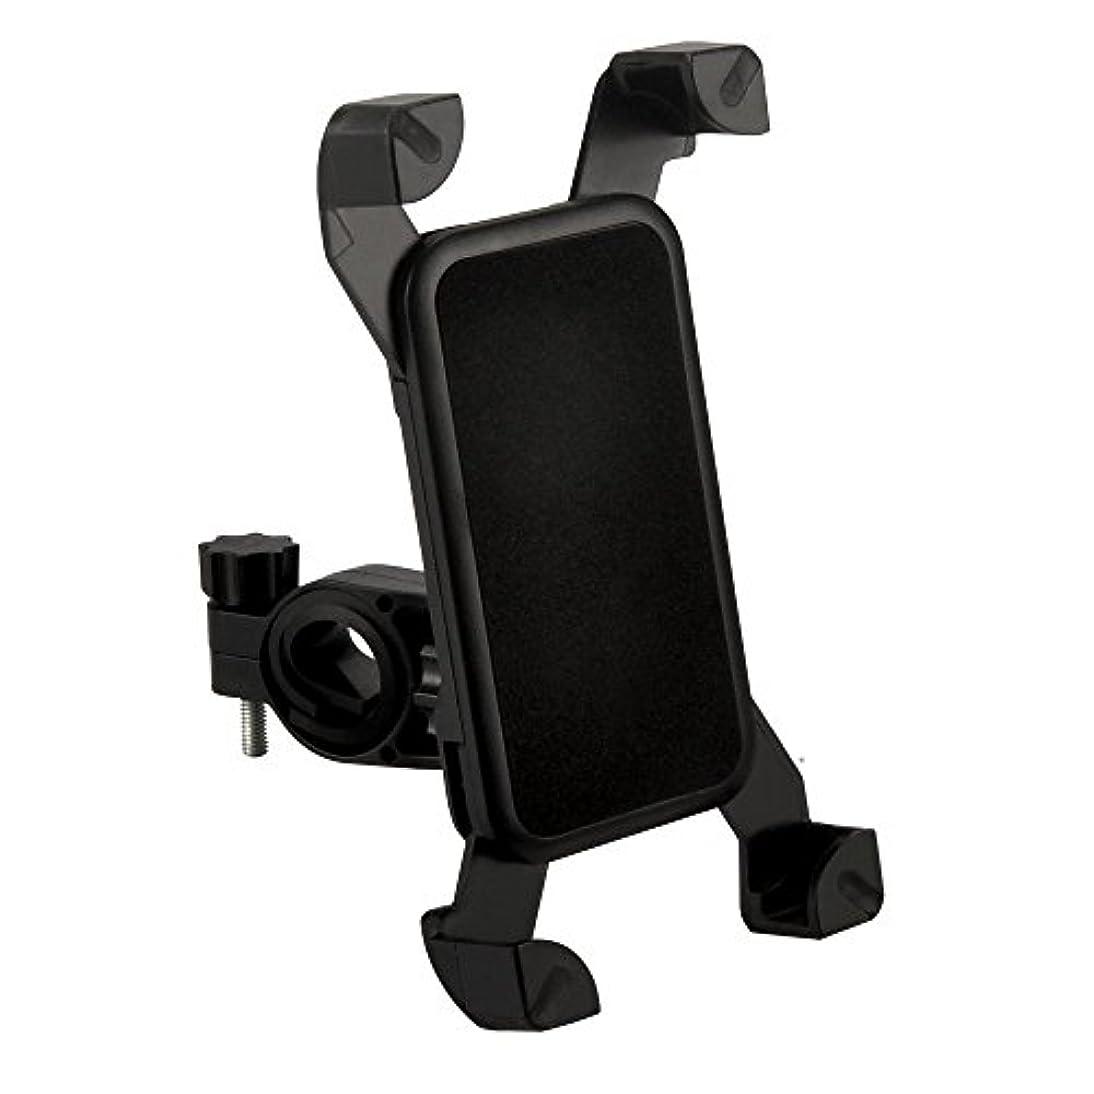 ネコスカーフホットハンドル取付用スマートフォンホルダー 自転車/バイク用 着脱簡単 外れにくい四隅ホールド式 多サイズに対応 FMTTORE001